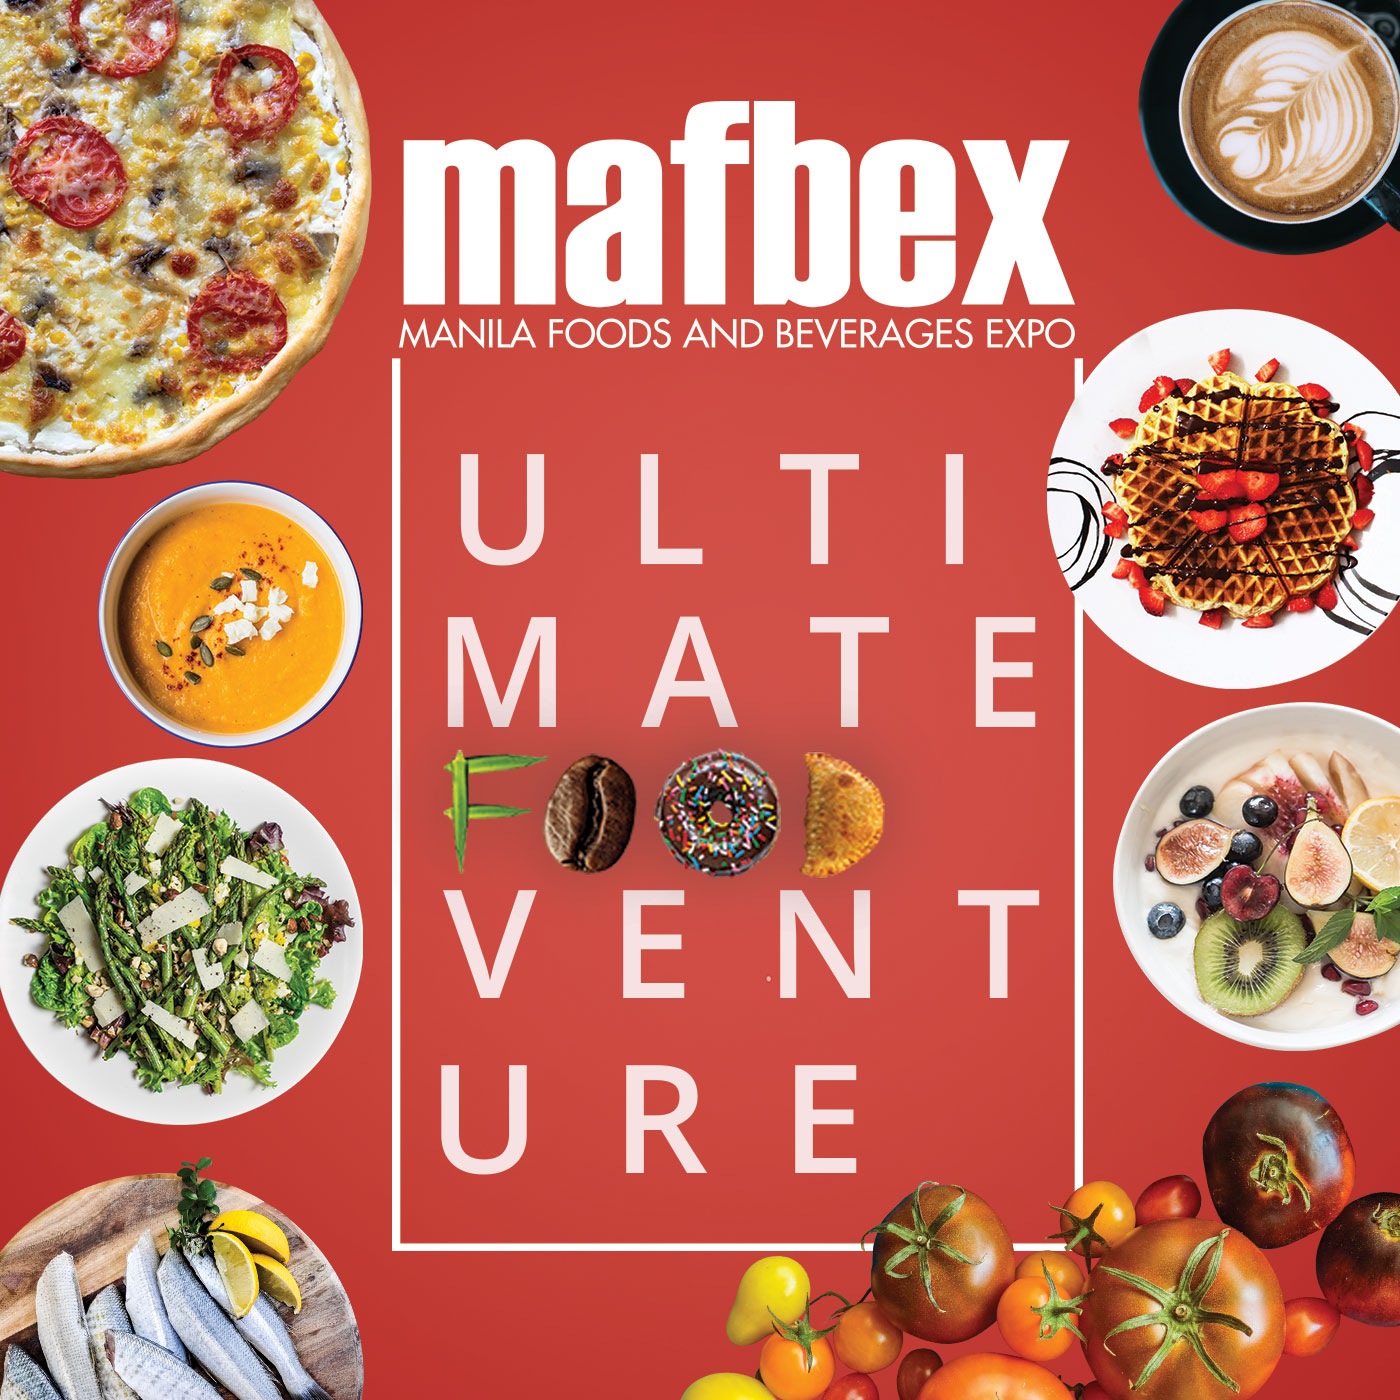 MAFBEX 2018